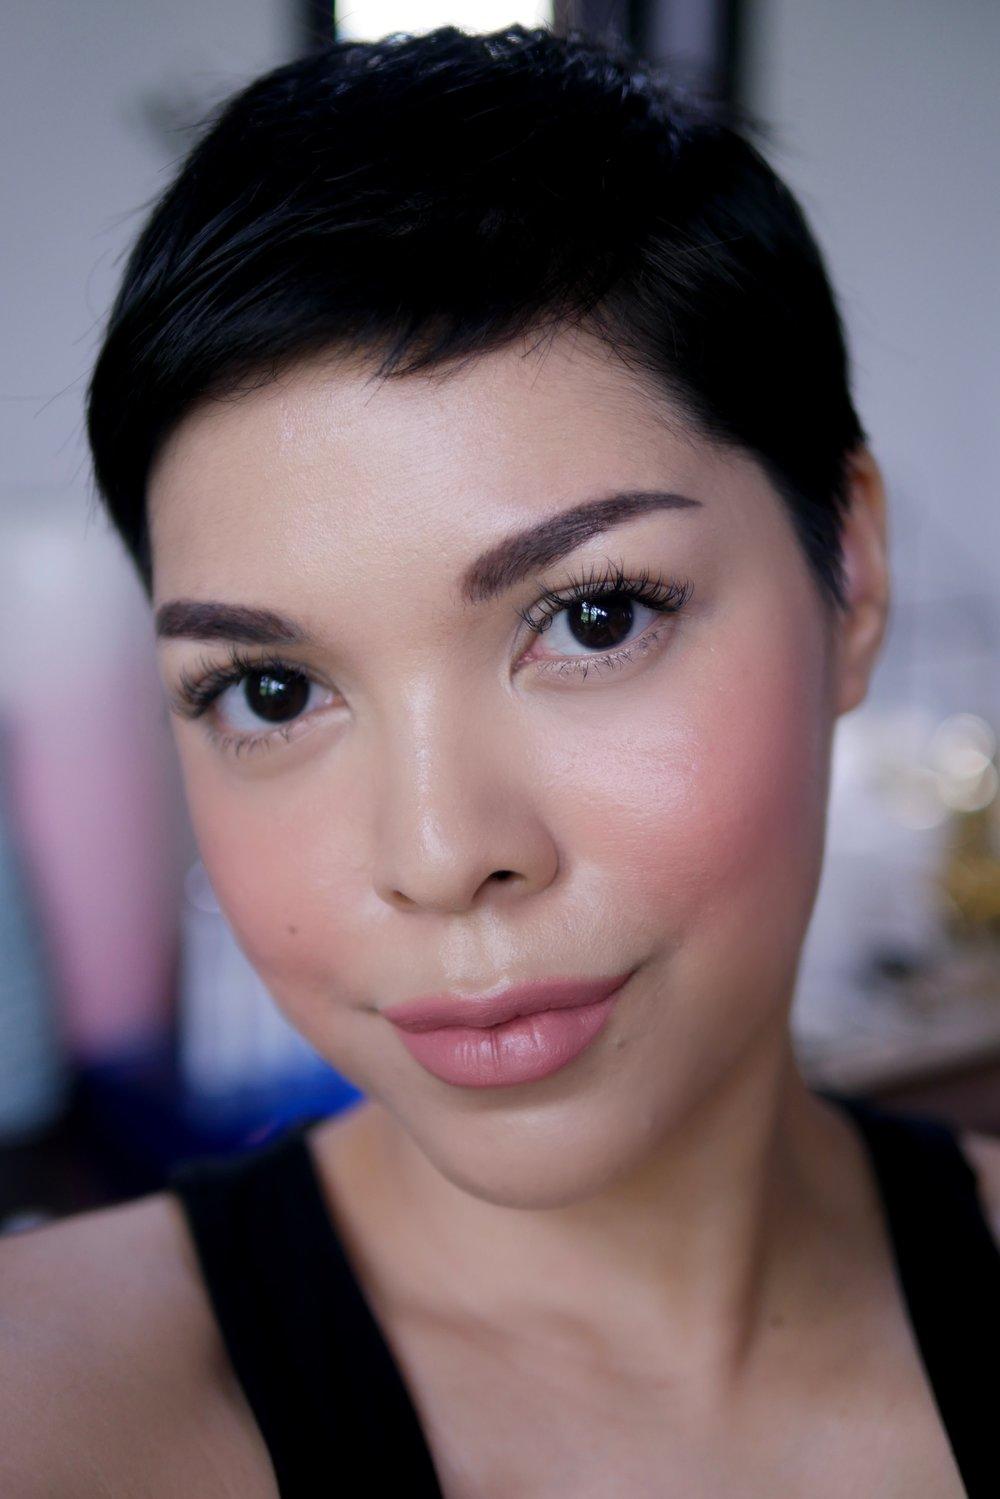 Pipi dan bibir menggunakan  Trope Velvet Matte Lipstick   shade   No.01 Innate .